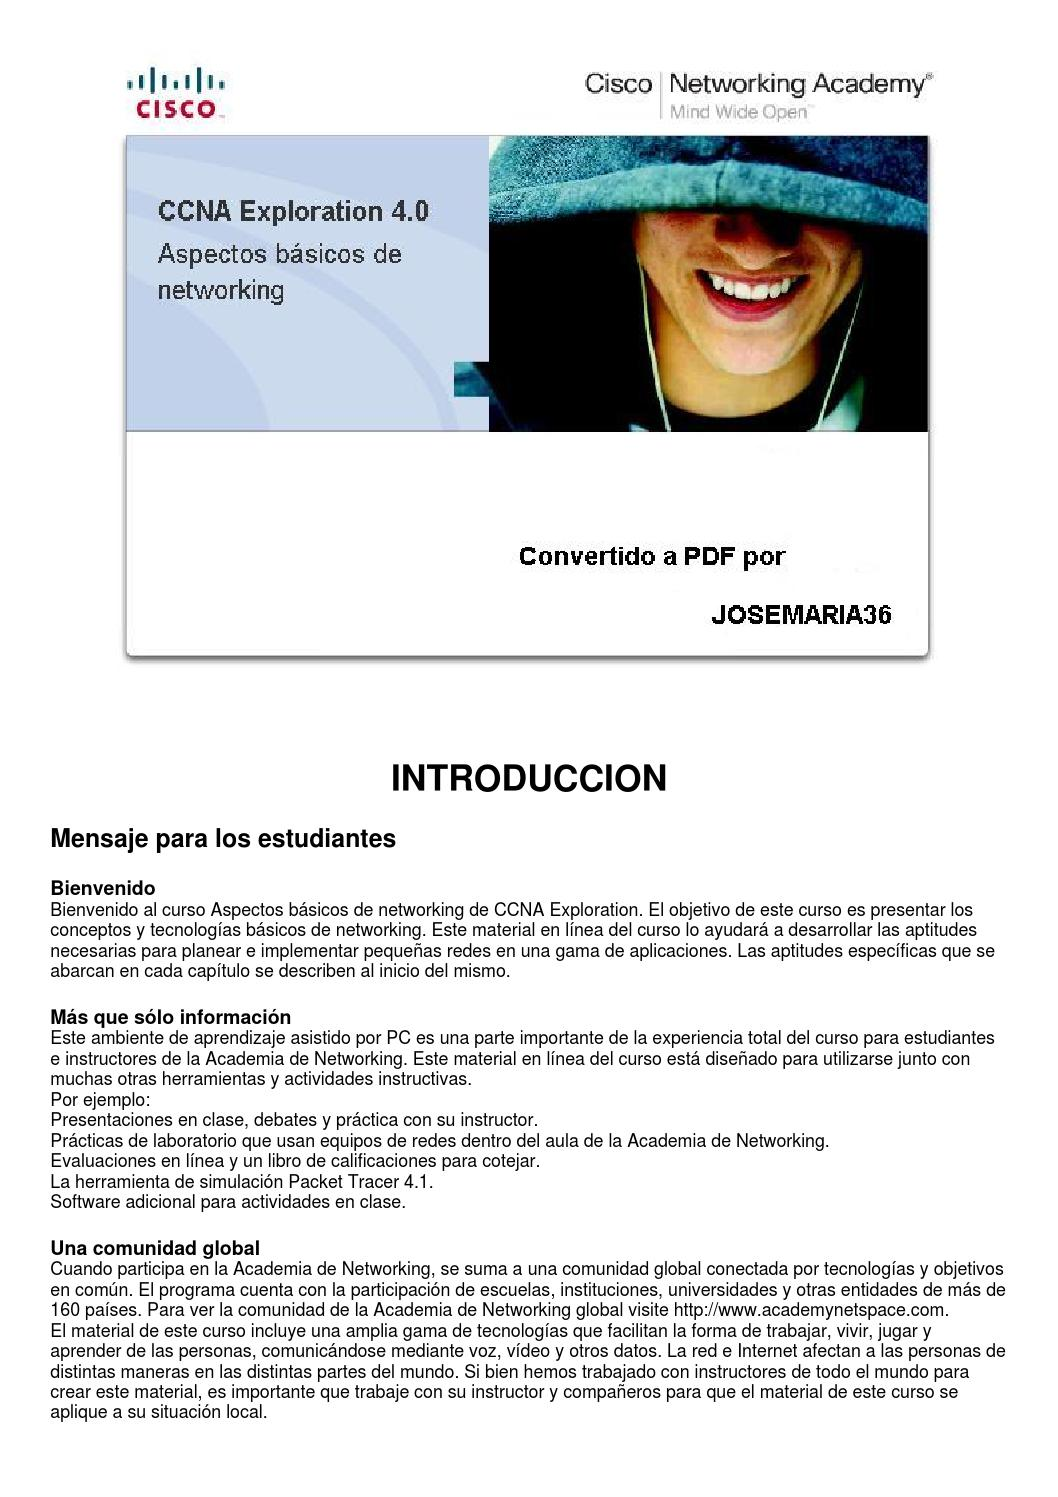 Modulo de estudio ccna 1 exploration:Cisco by marypalacios - issuu